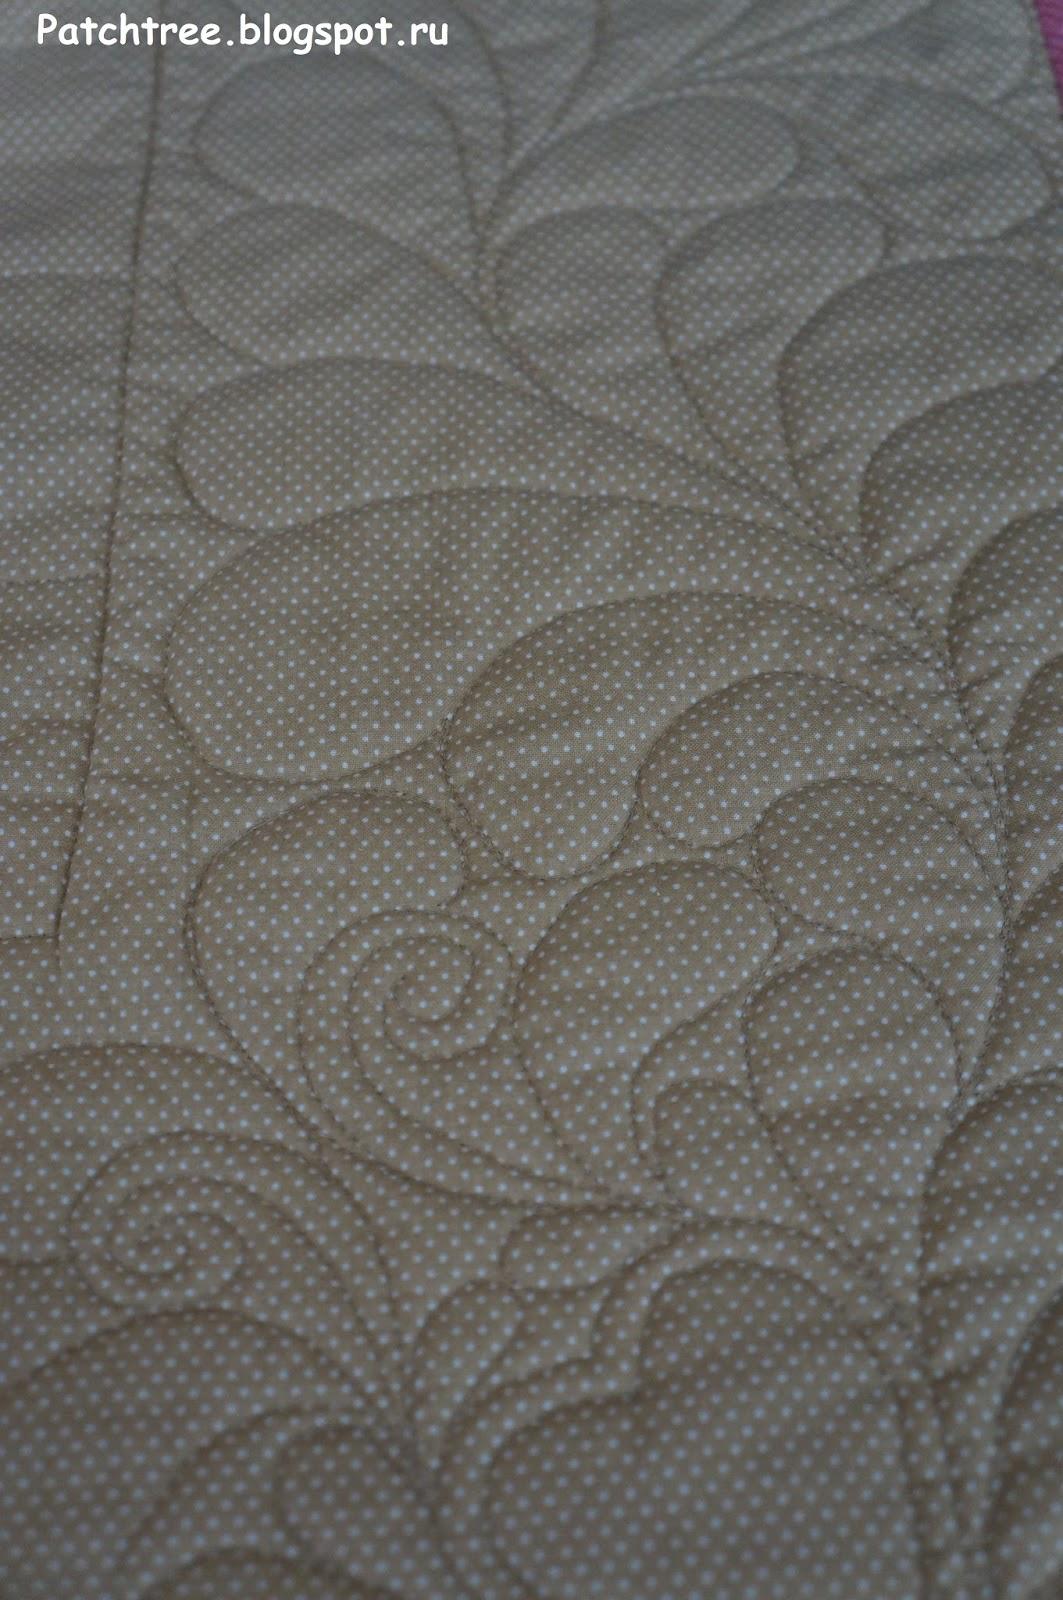 стежка перьями лоскутного одеяла